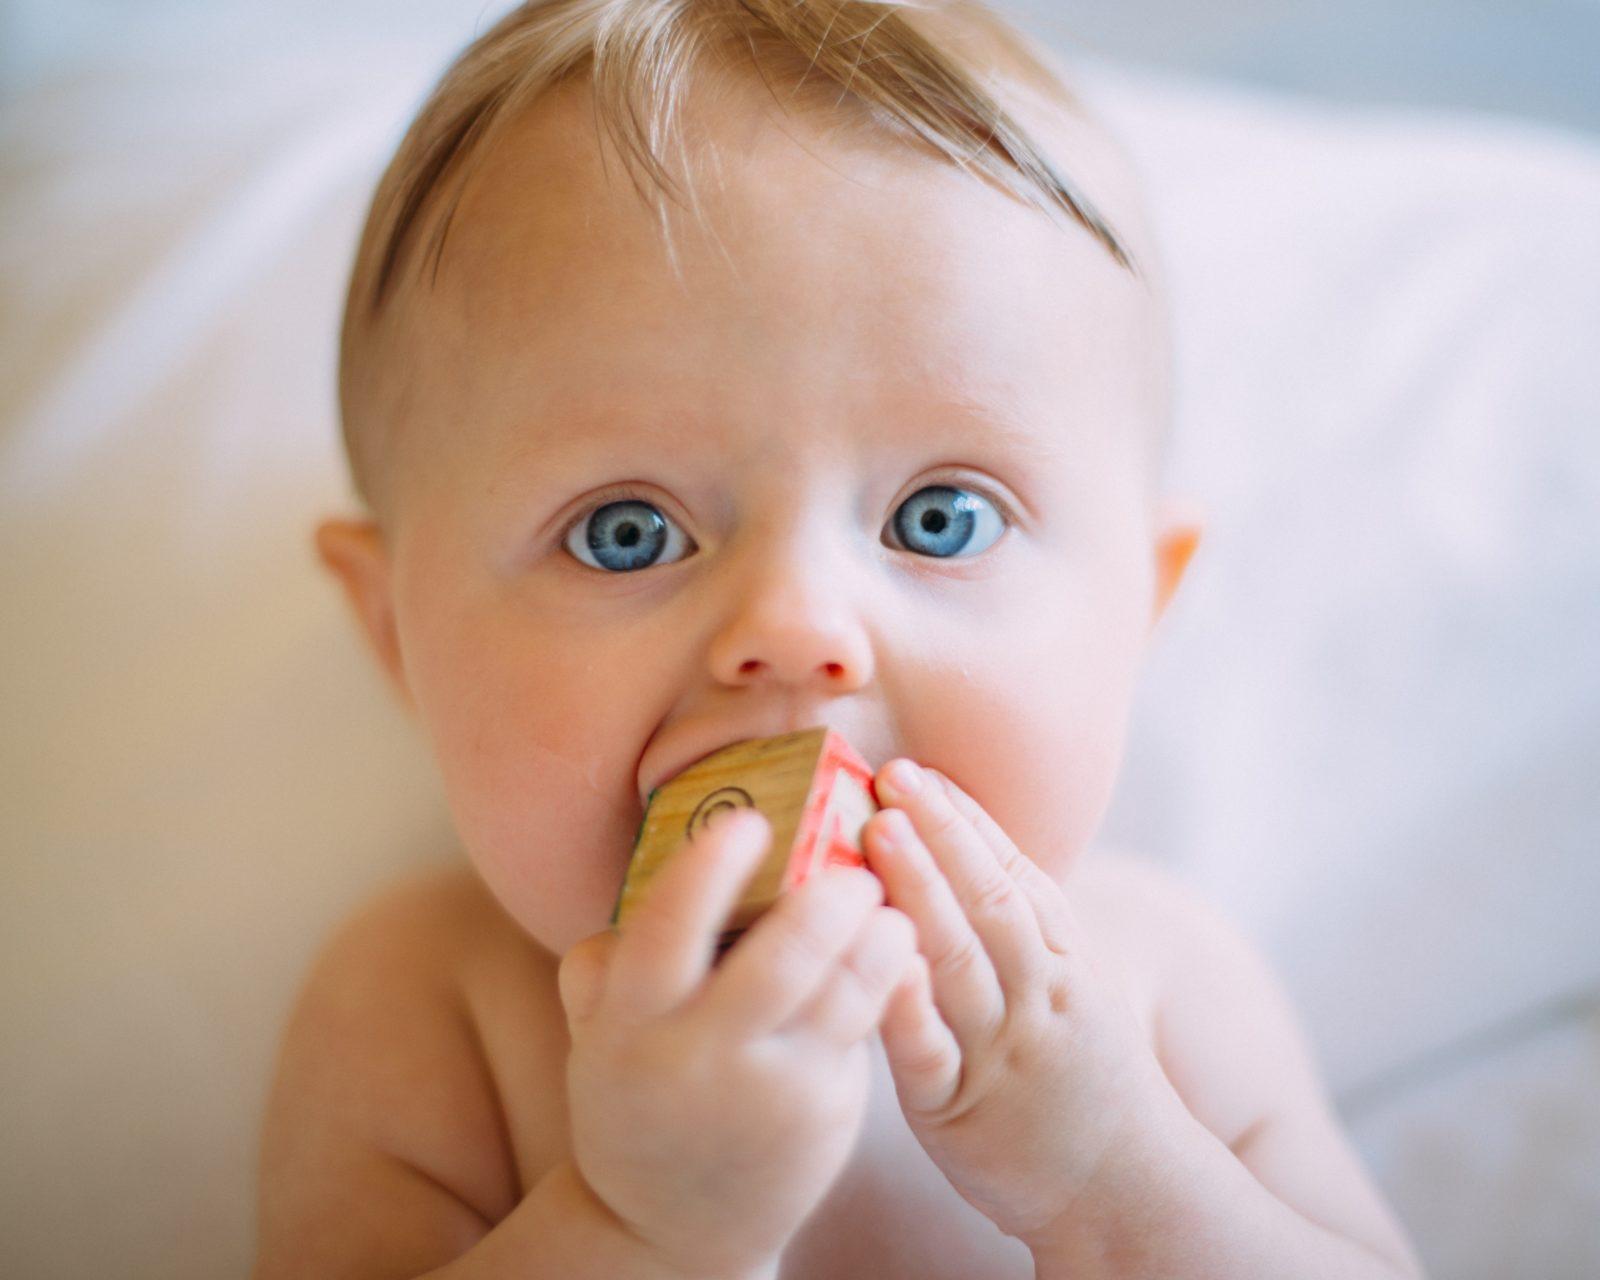 Самые важные аспекты родительства — Договор суррогатного материнства